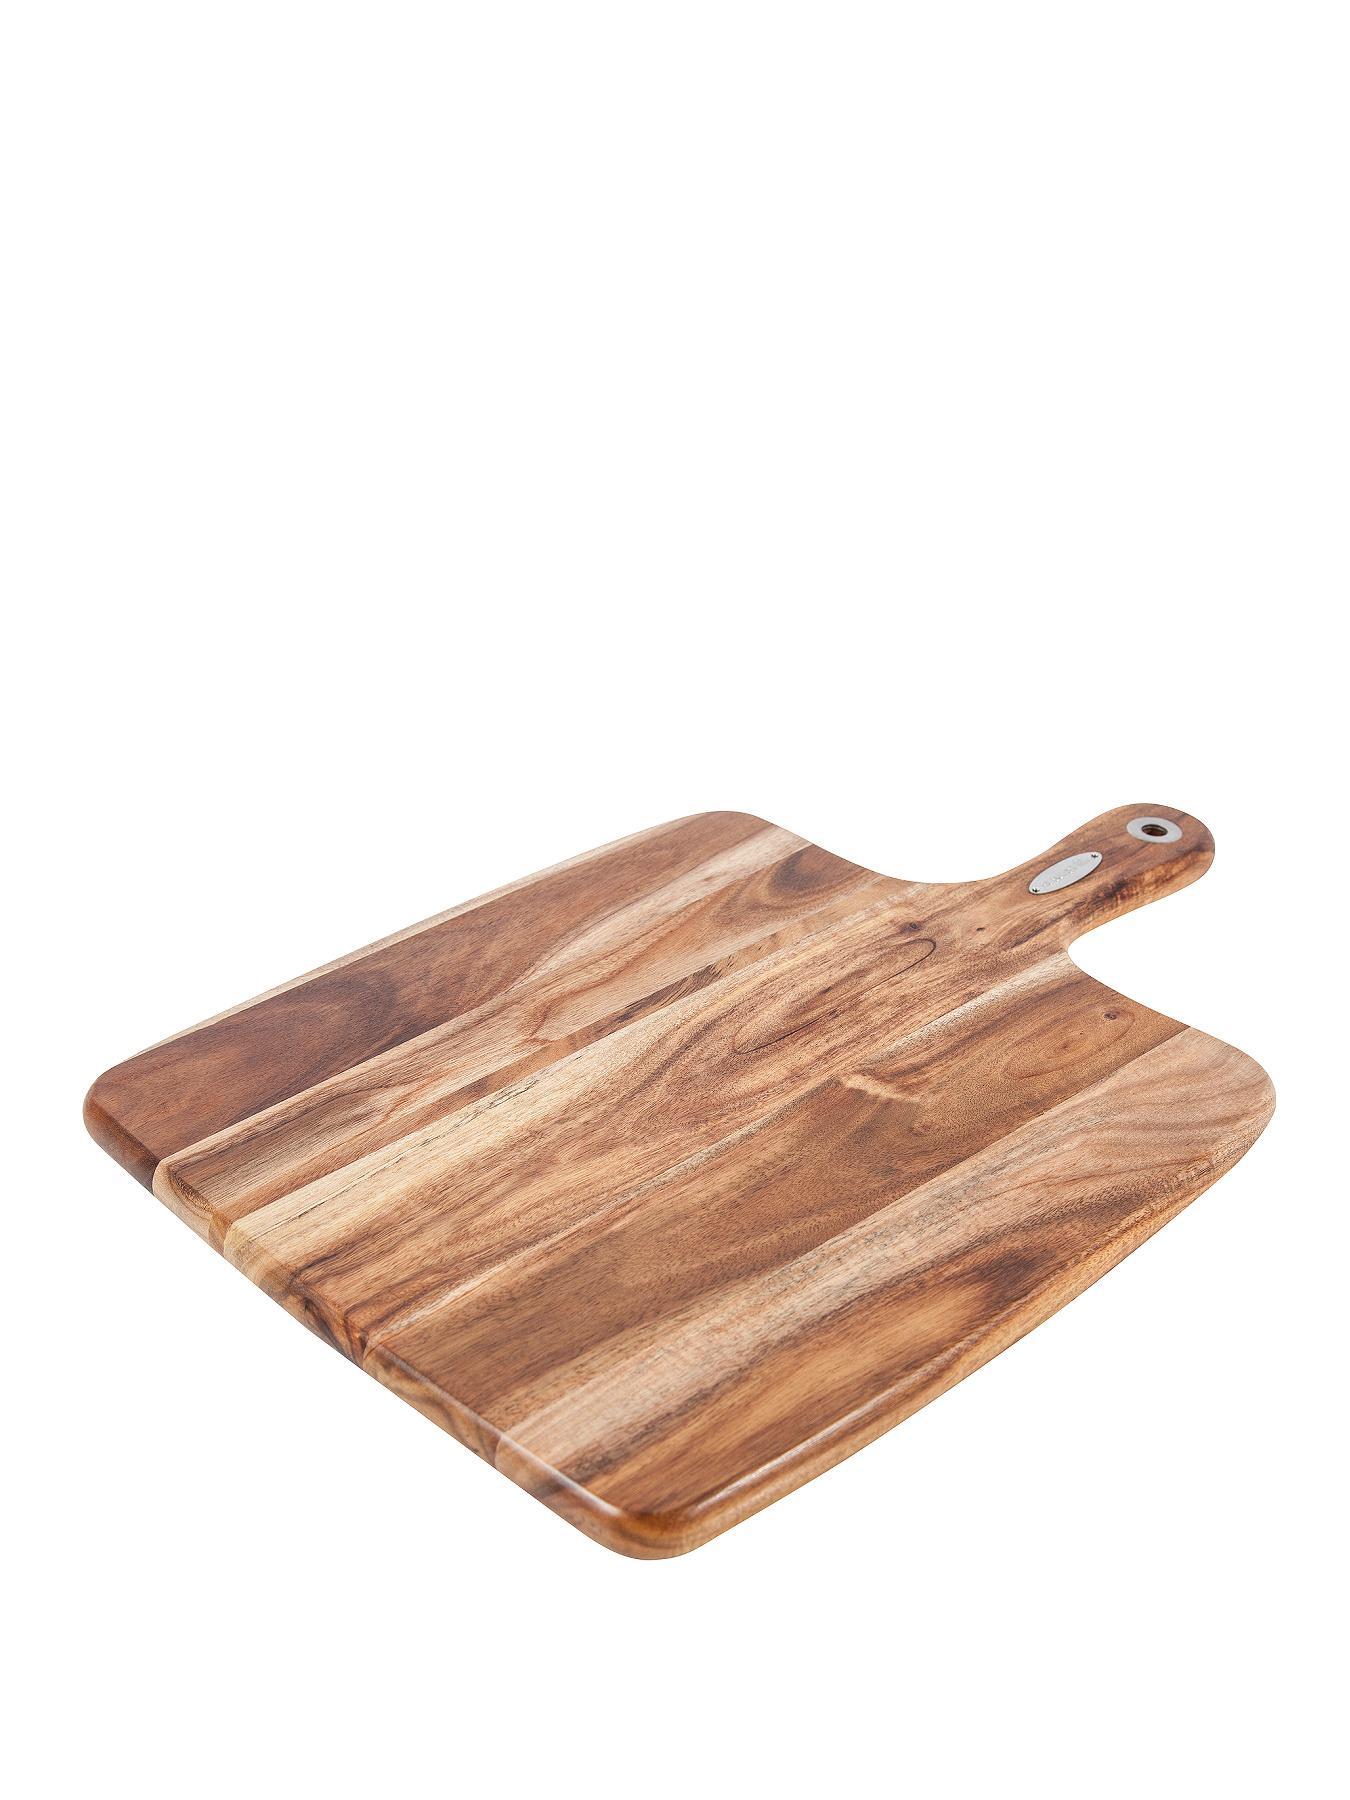 Acacia Wood 39 x 26cm Cutting Board